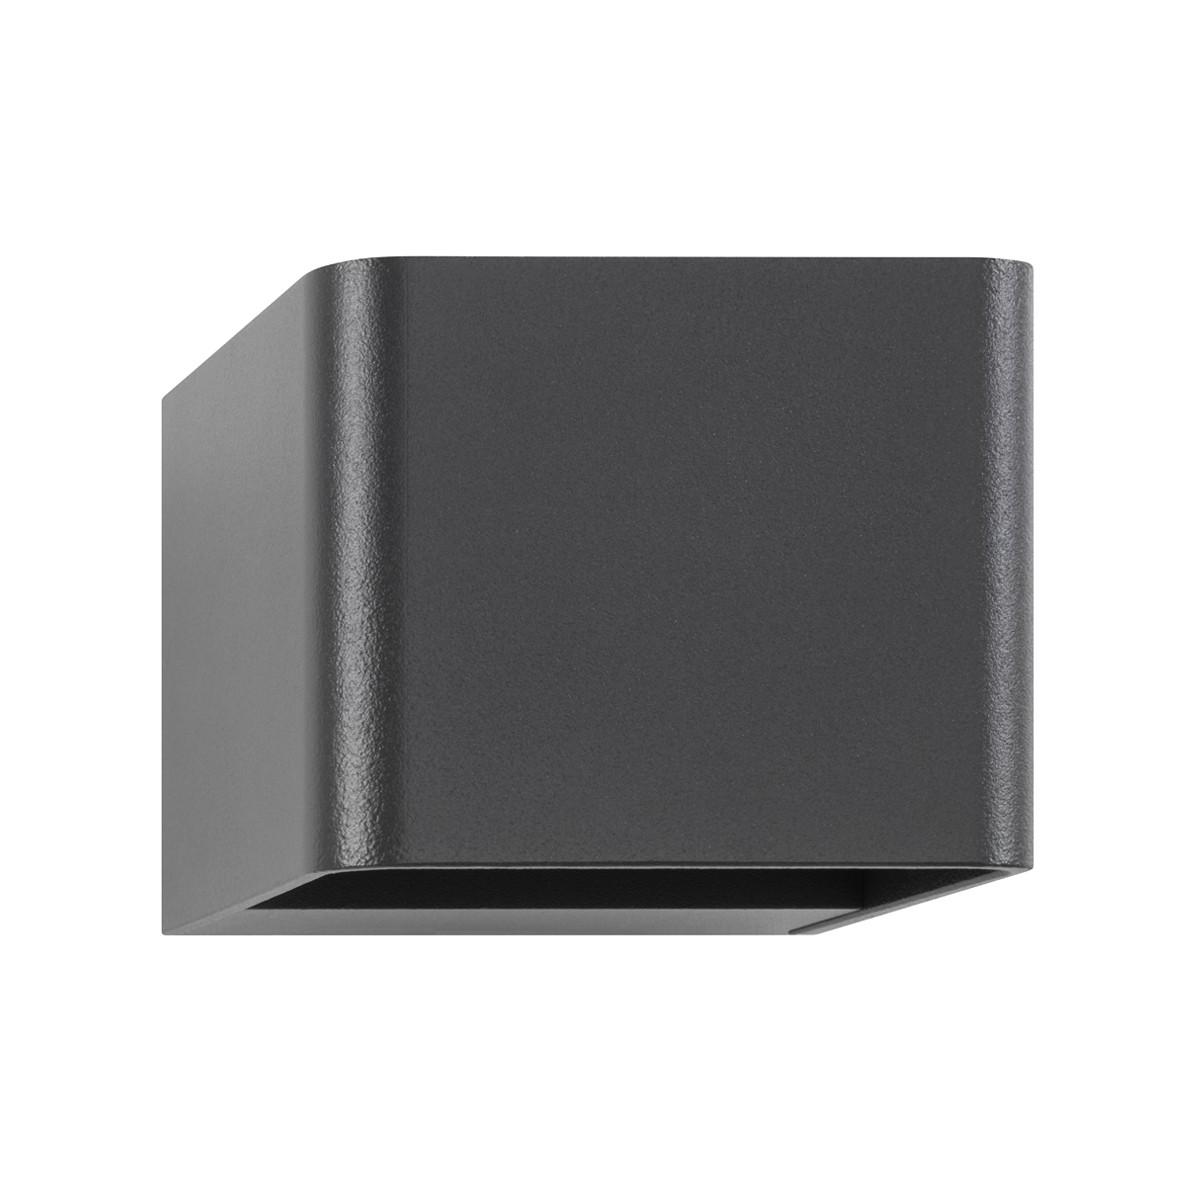 LCD Außenleuchten 5040 Up & Down LED Wandleuchte, graphit